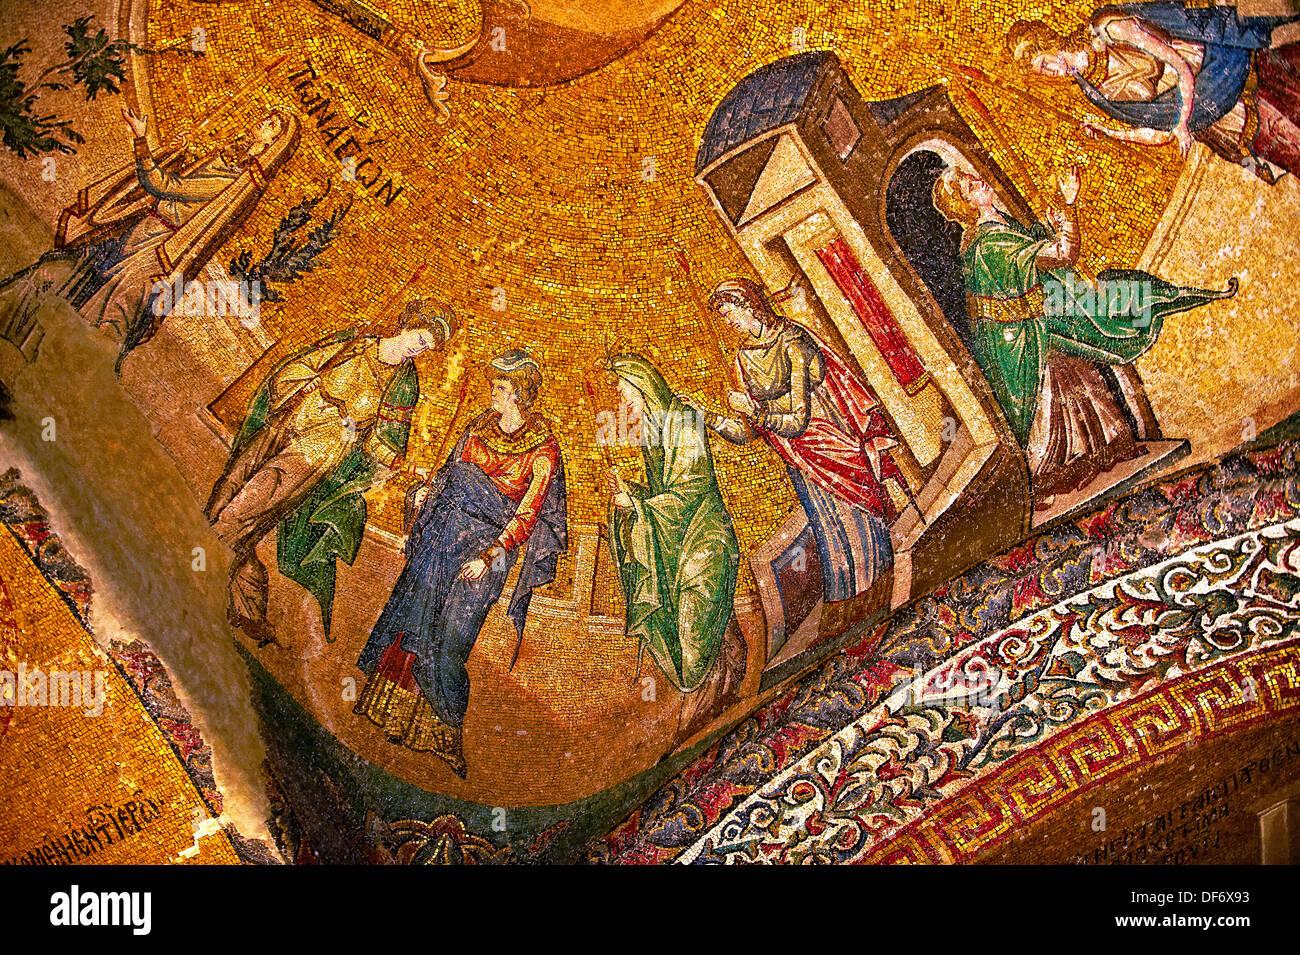 Le 11e siècle église Byzantine du Saint Sauveur à Chora , musée Kariye, Istanbul, Turquie Photo Stock